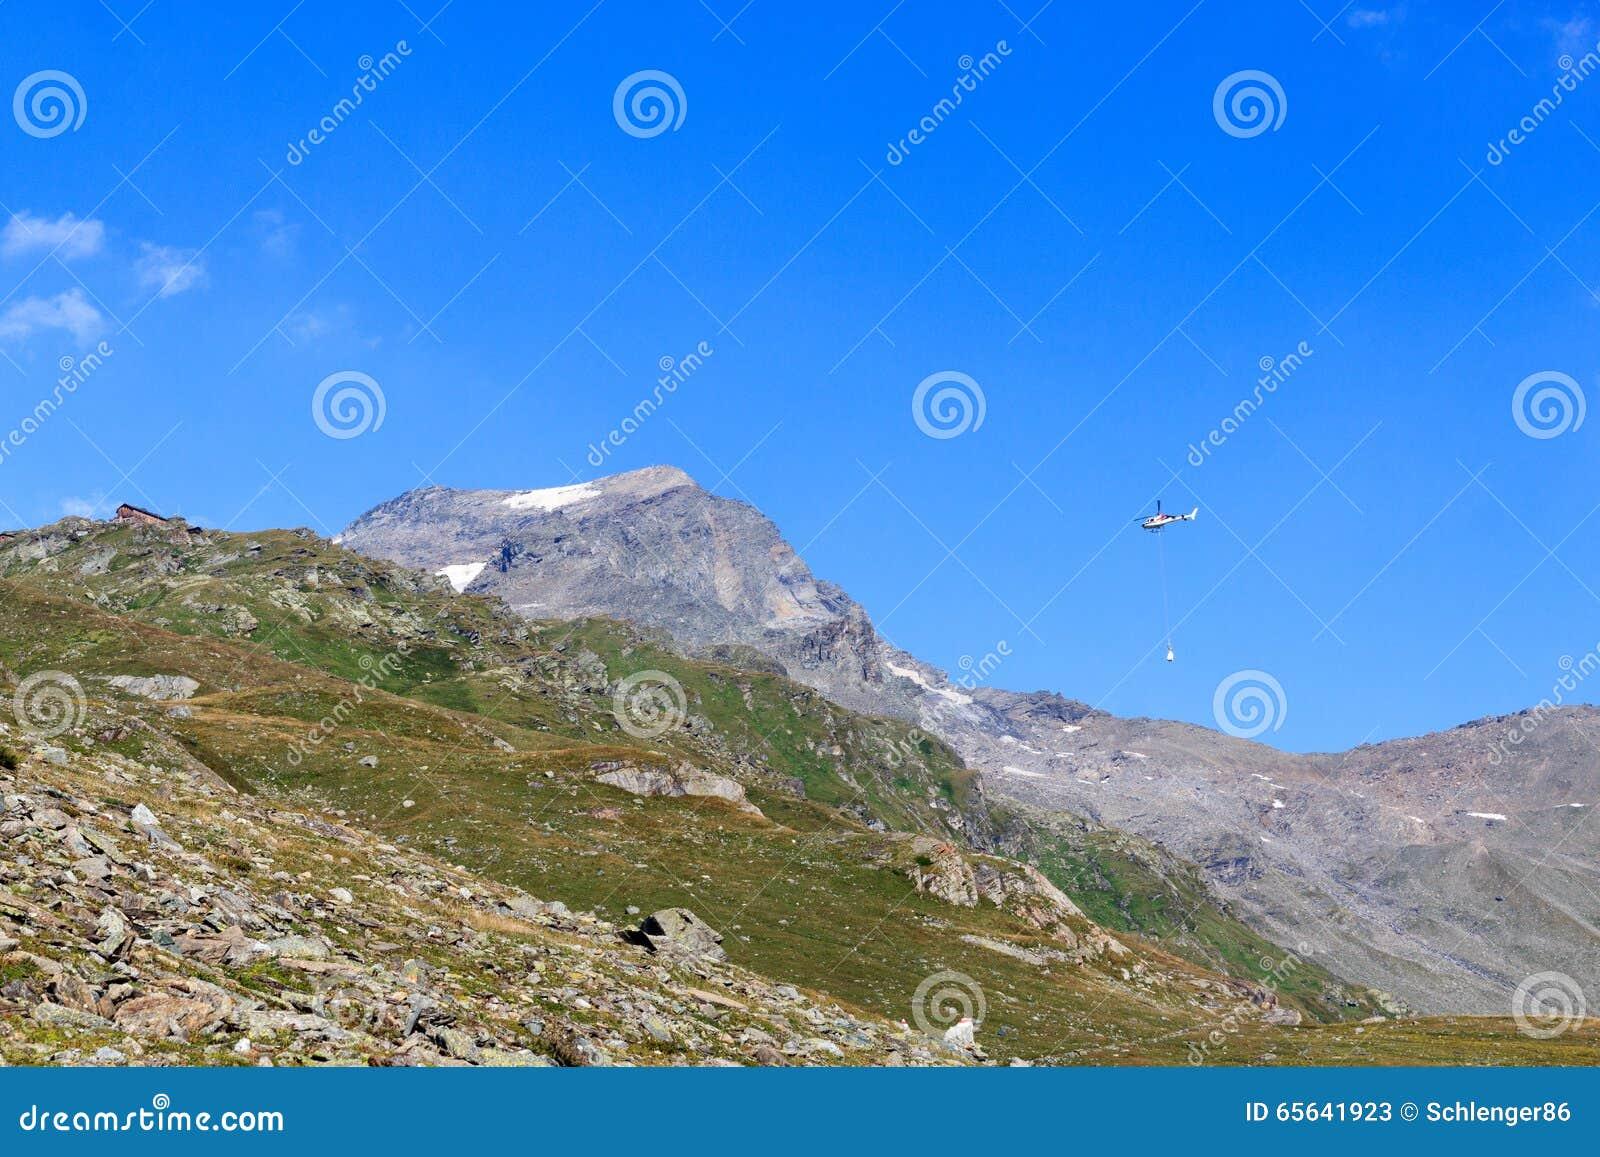 Transportez le vol d hélicoptère avec des approvisionnements et le panorama de montagne avec la hutte alpine, Alpes de Hohe Tauer